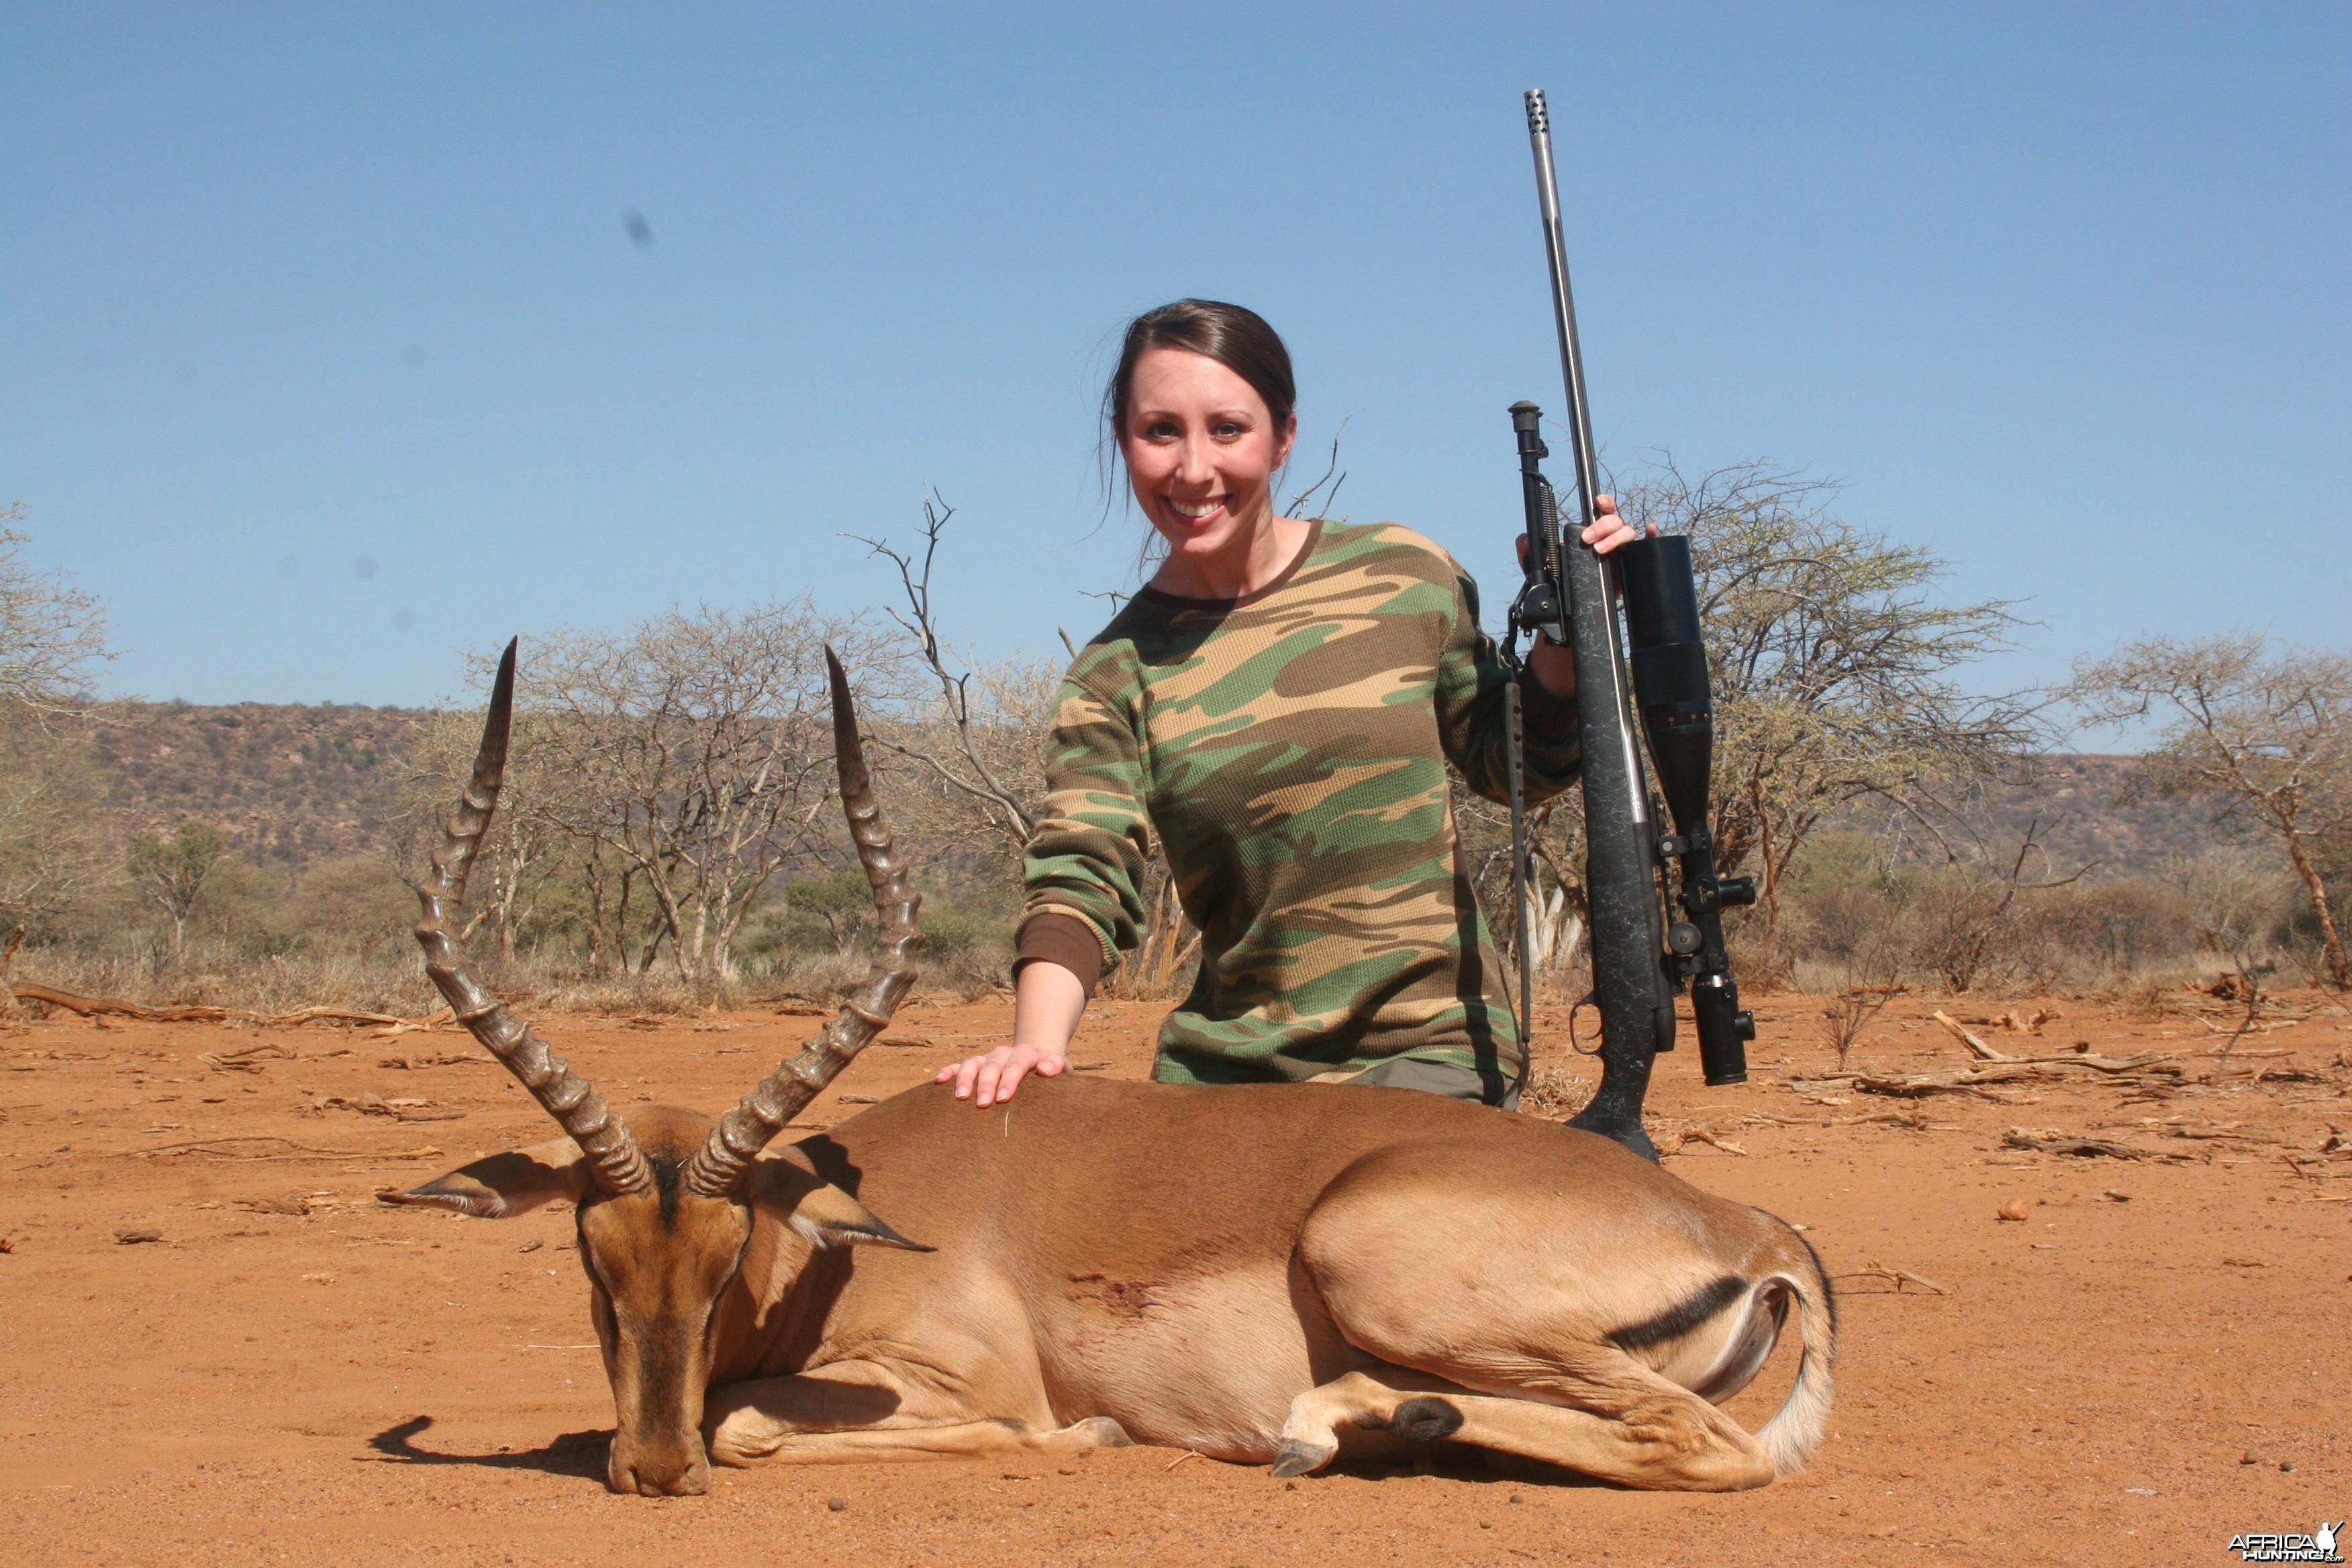 Impala hunted w/ Motshwere Safaris